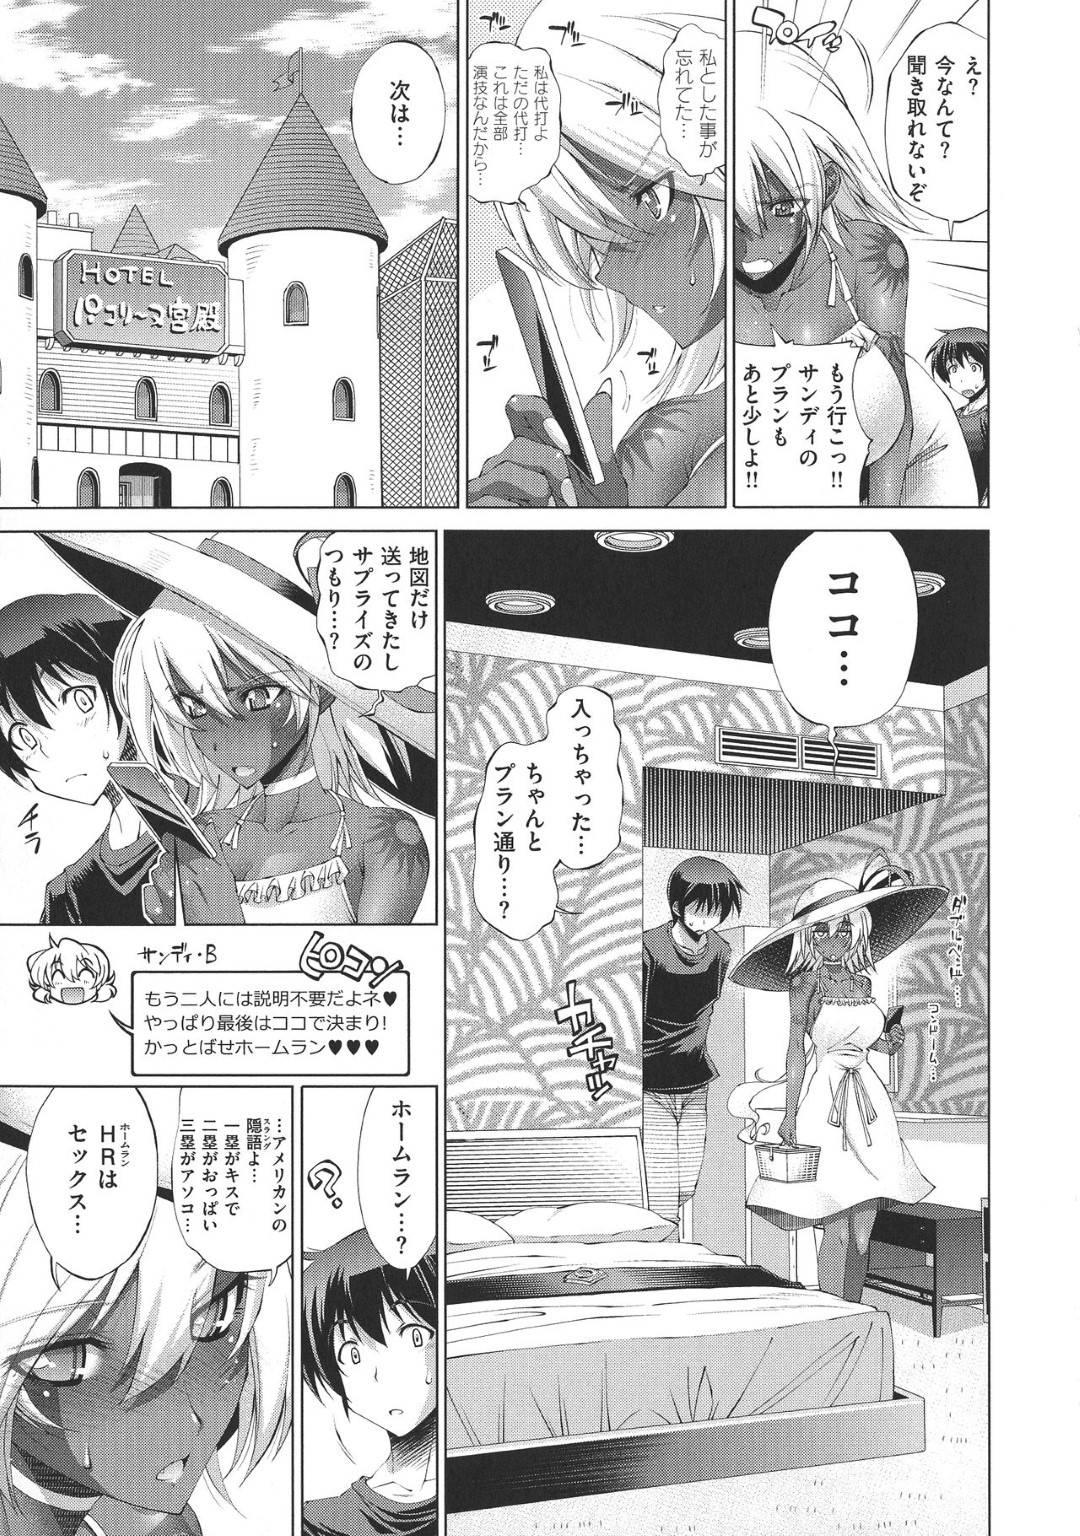 【エロ漫画】好きな男の子と海デートを楽しんだあとに南国風のホテルに入る黒ギャルが中出し同時イキSEX!【らっこ/代打参上♥】